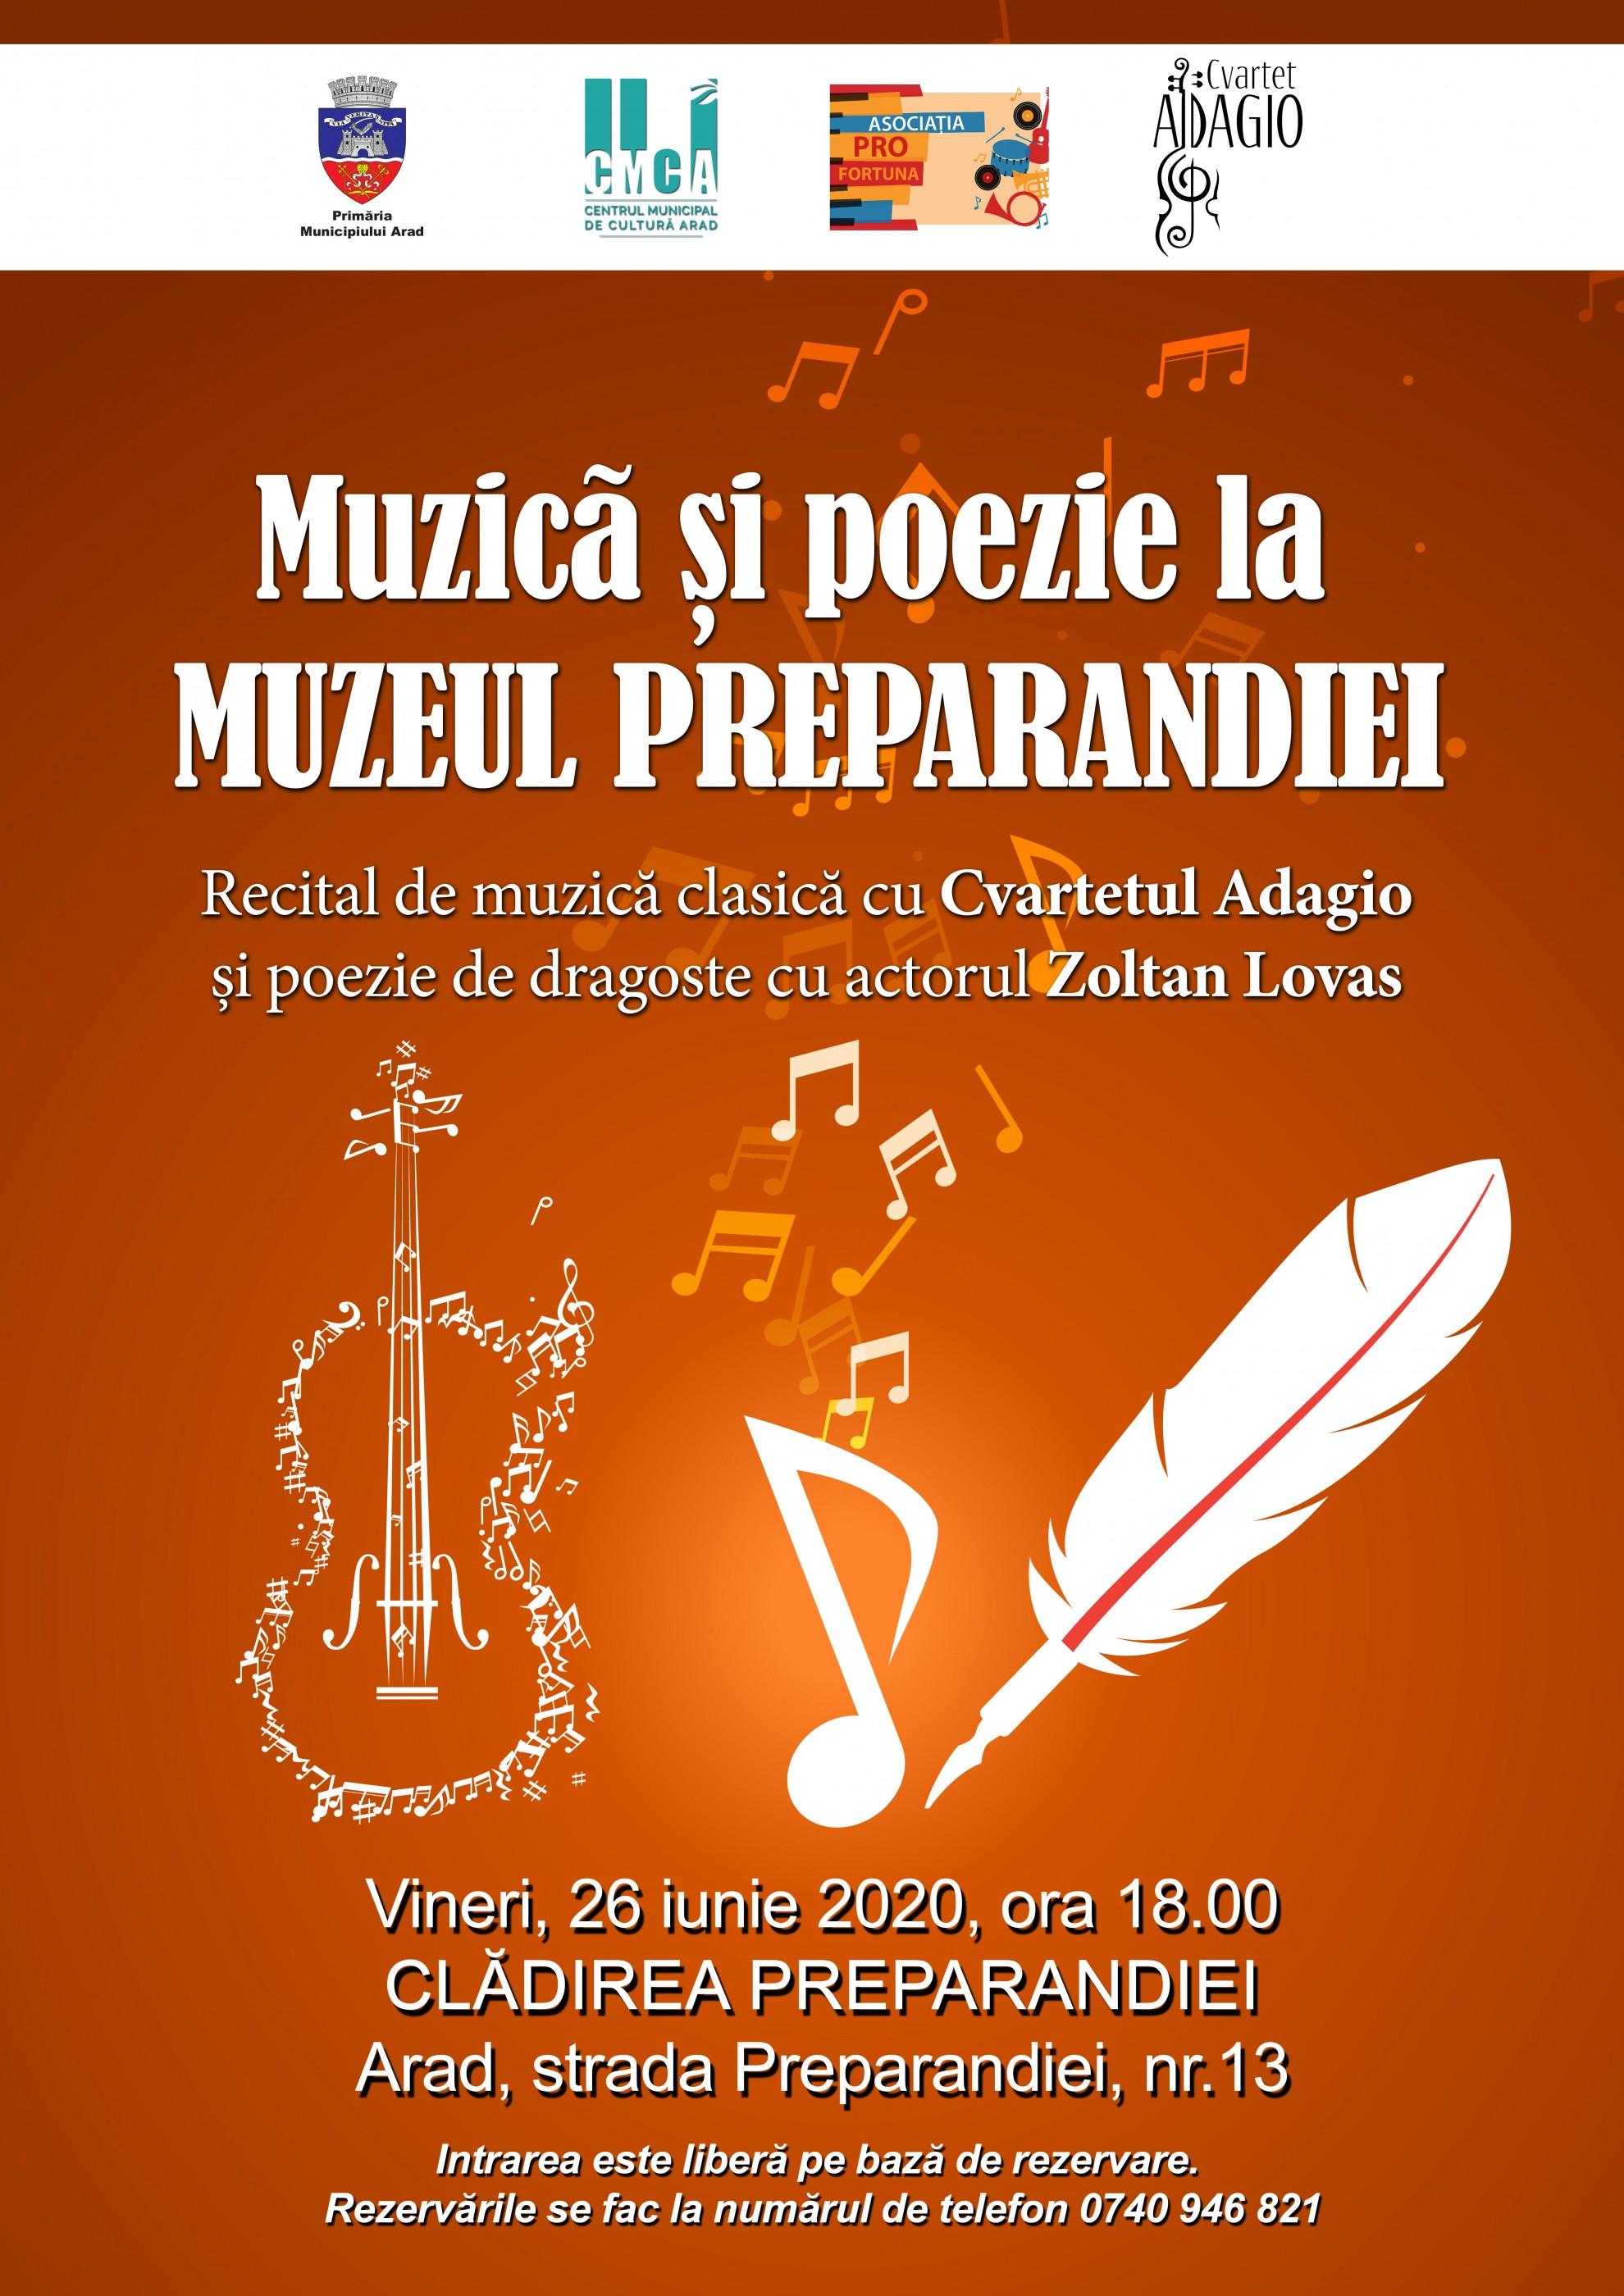 Muzică clasică și poezie la Muzeul Preparandiei